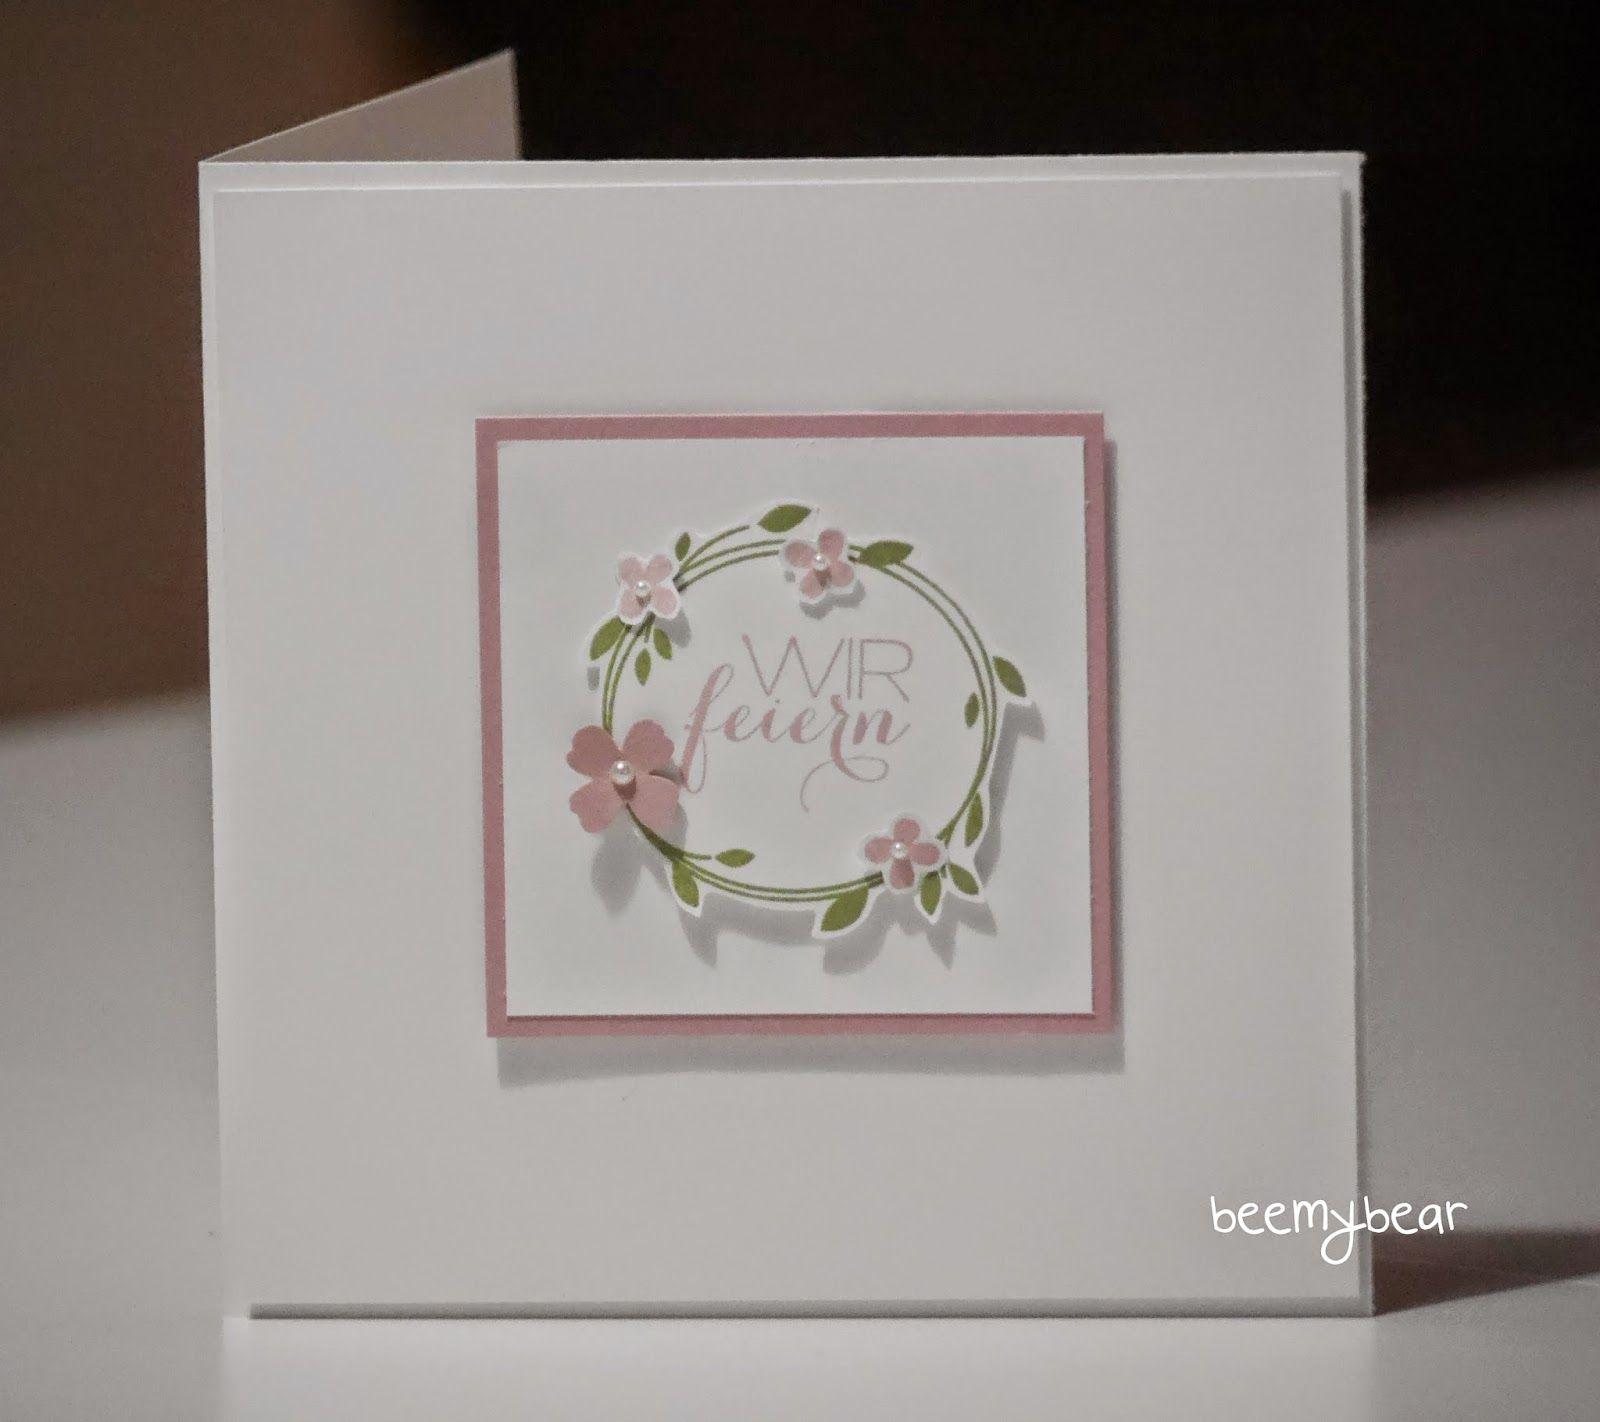 Stampin With Beemybear: Hochzeit, Einladungskarte, Stampinu0027up, Perfekter  Tag, Überraschung